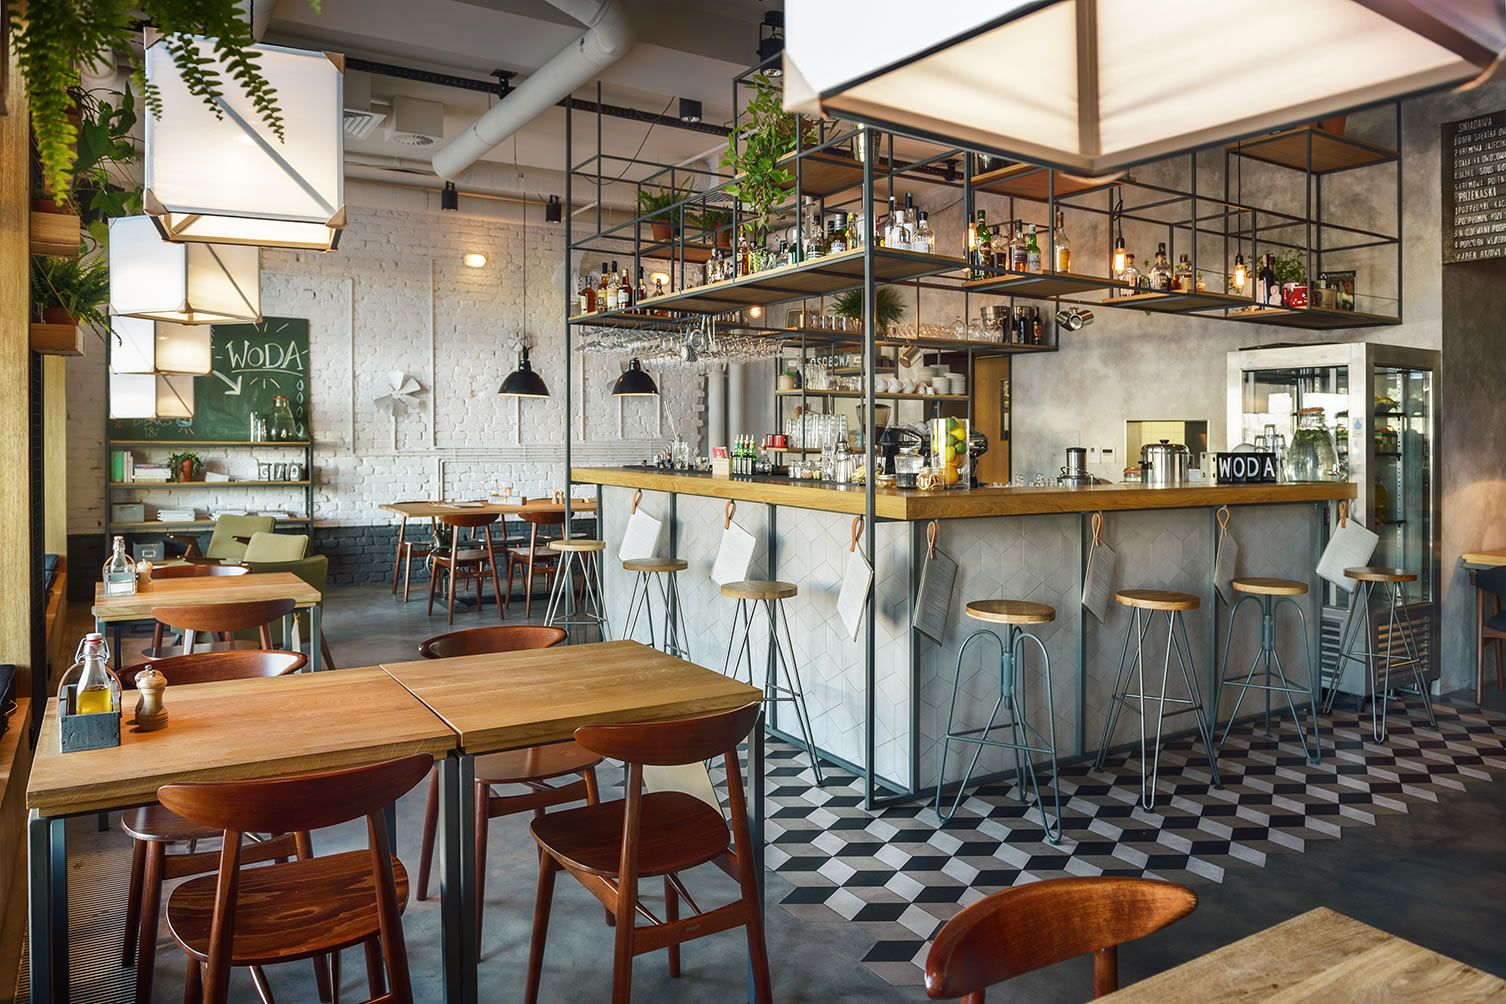 88 Gambar Desain Cafe Murah Terbaik Untuk Di Contoh